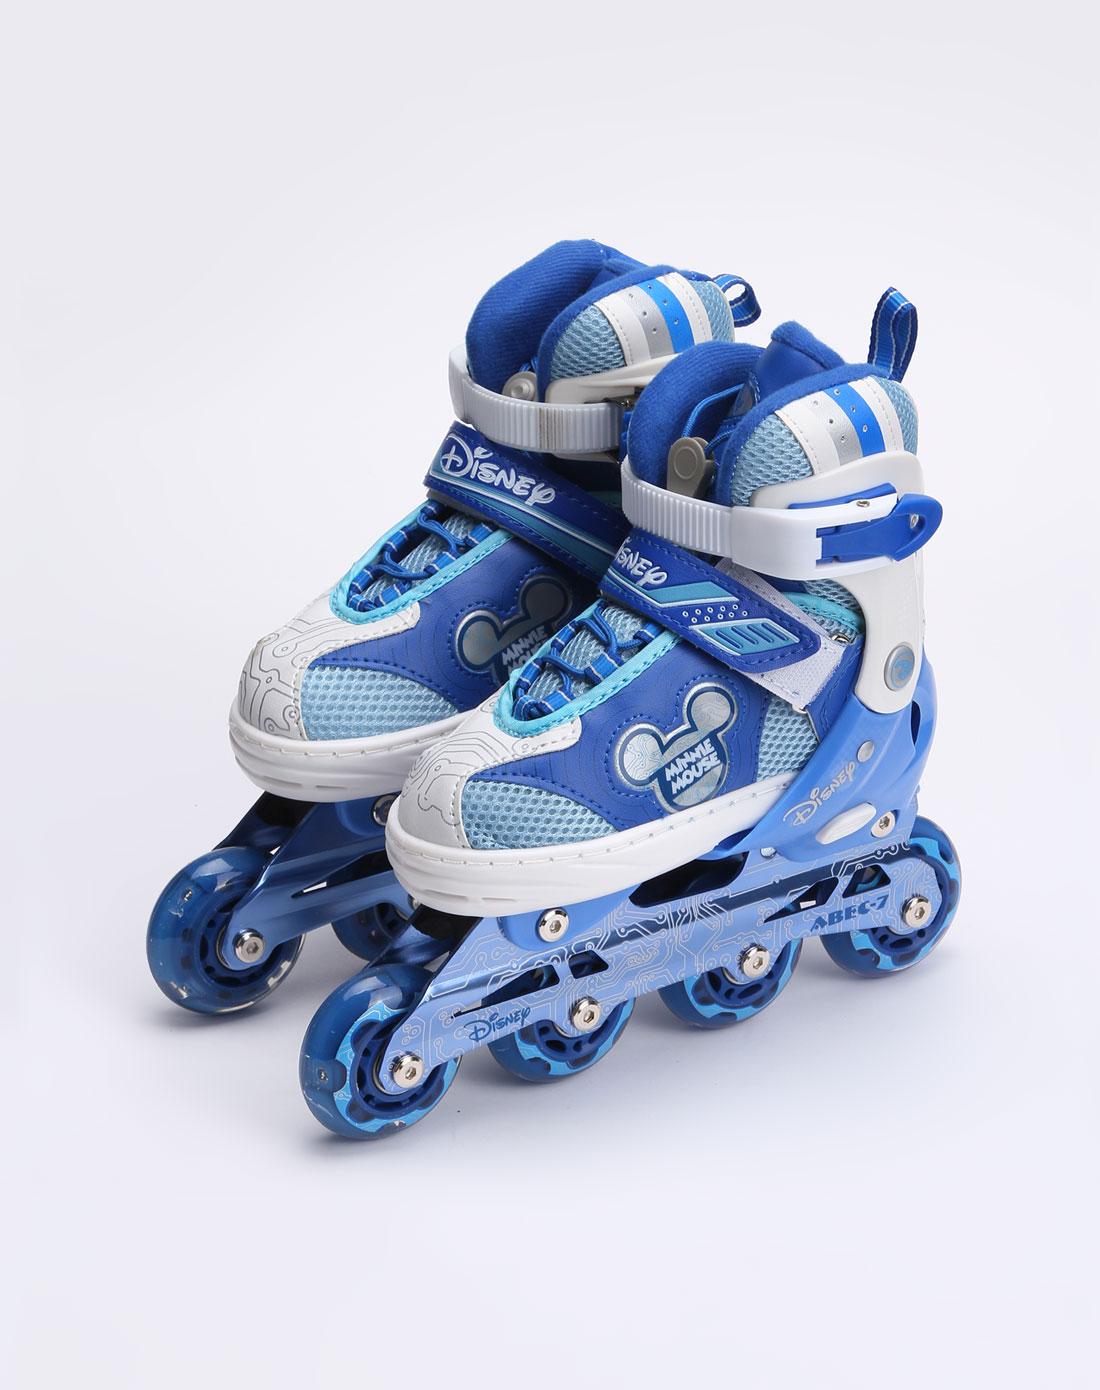 专业平花轮滑鞋_直排轮滑鞋【图片 价格 包邮 视频】_淘宝助理